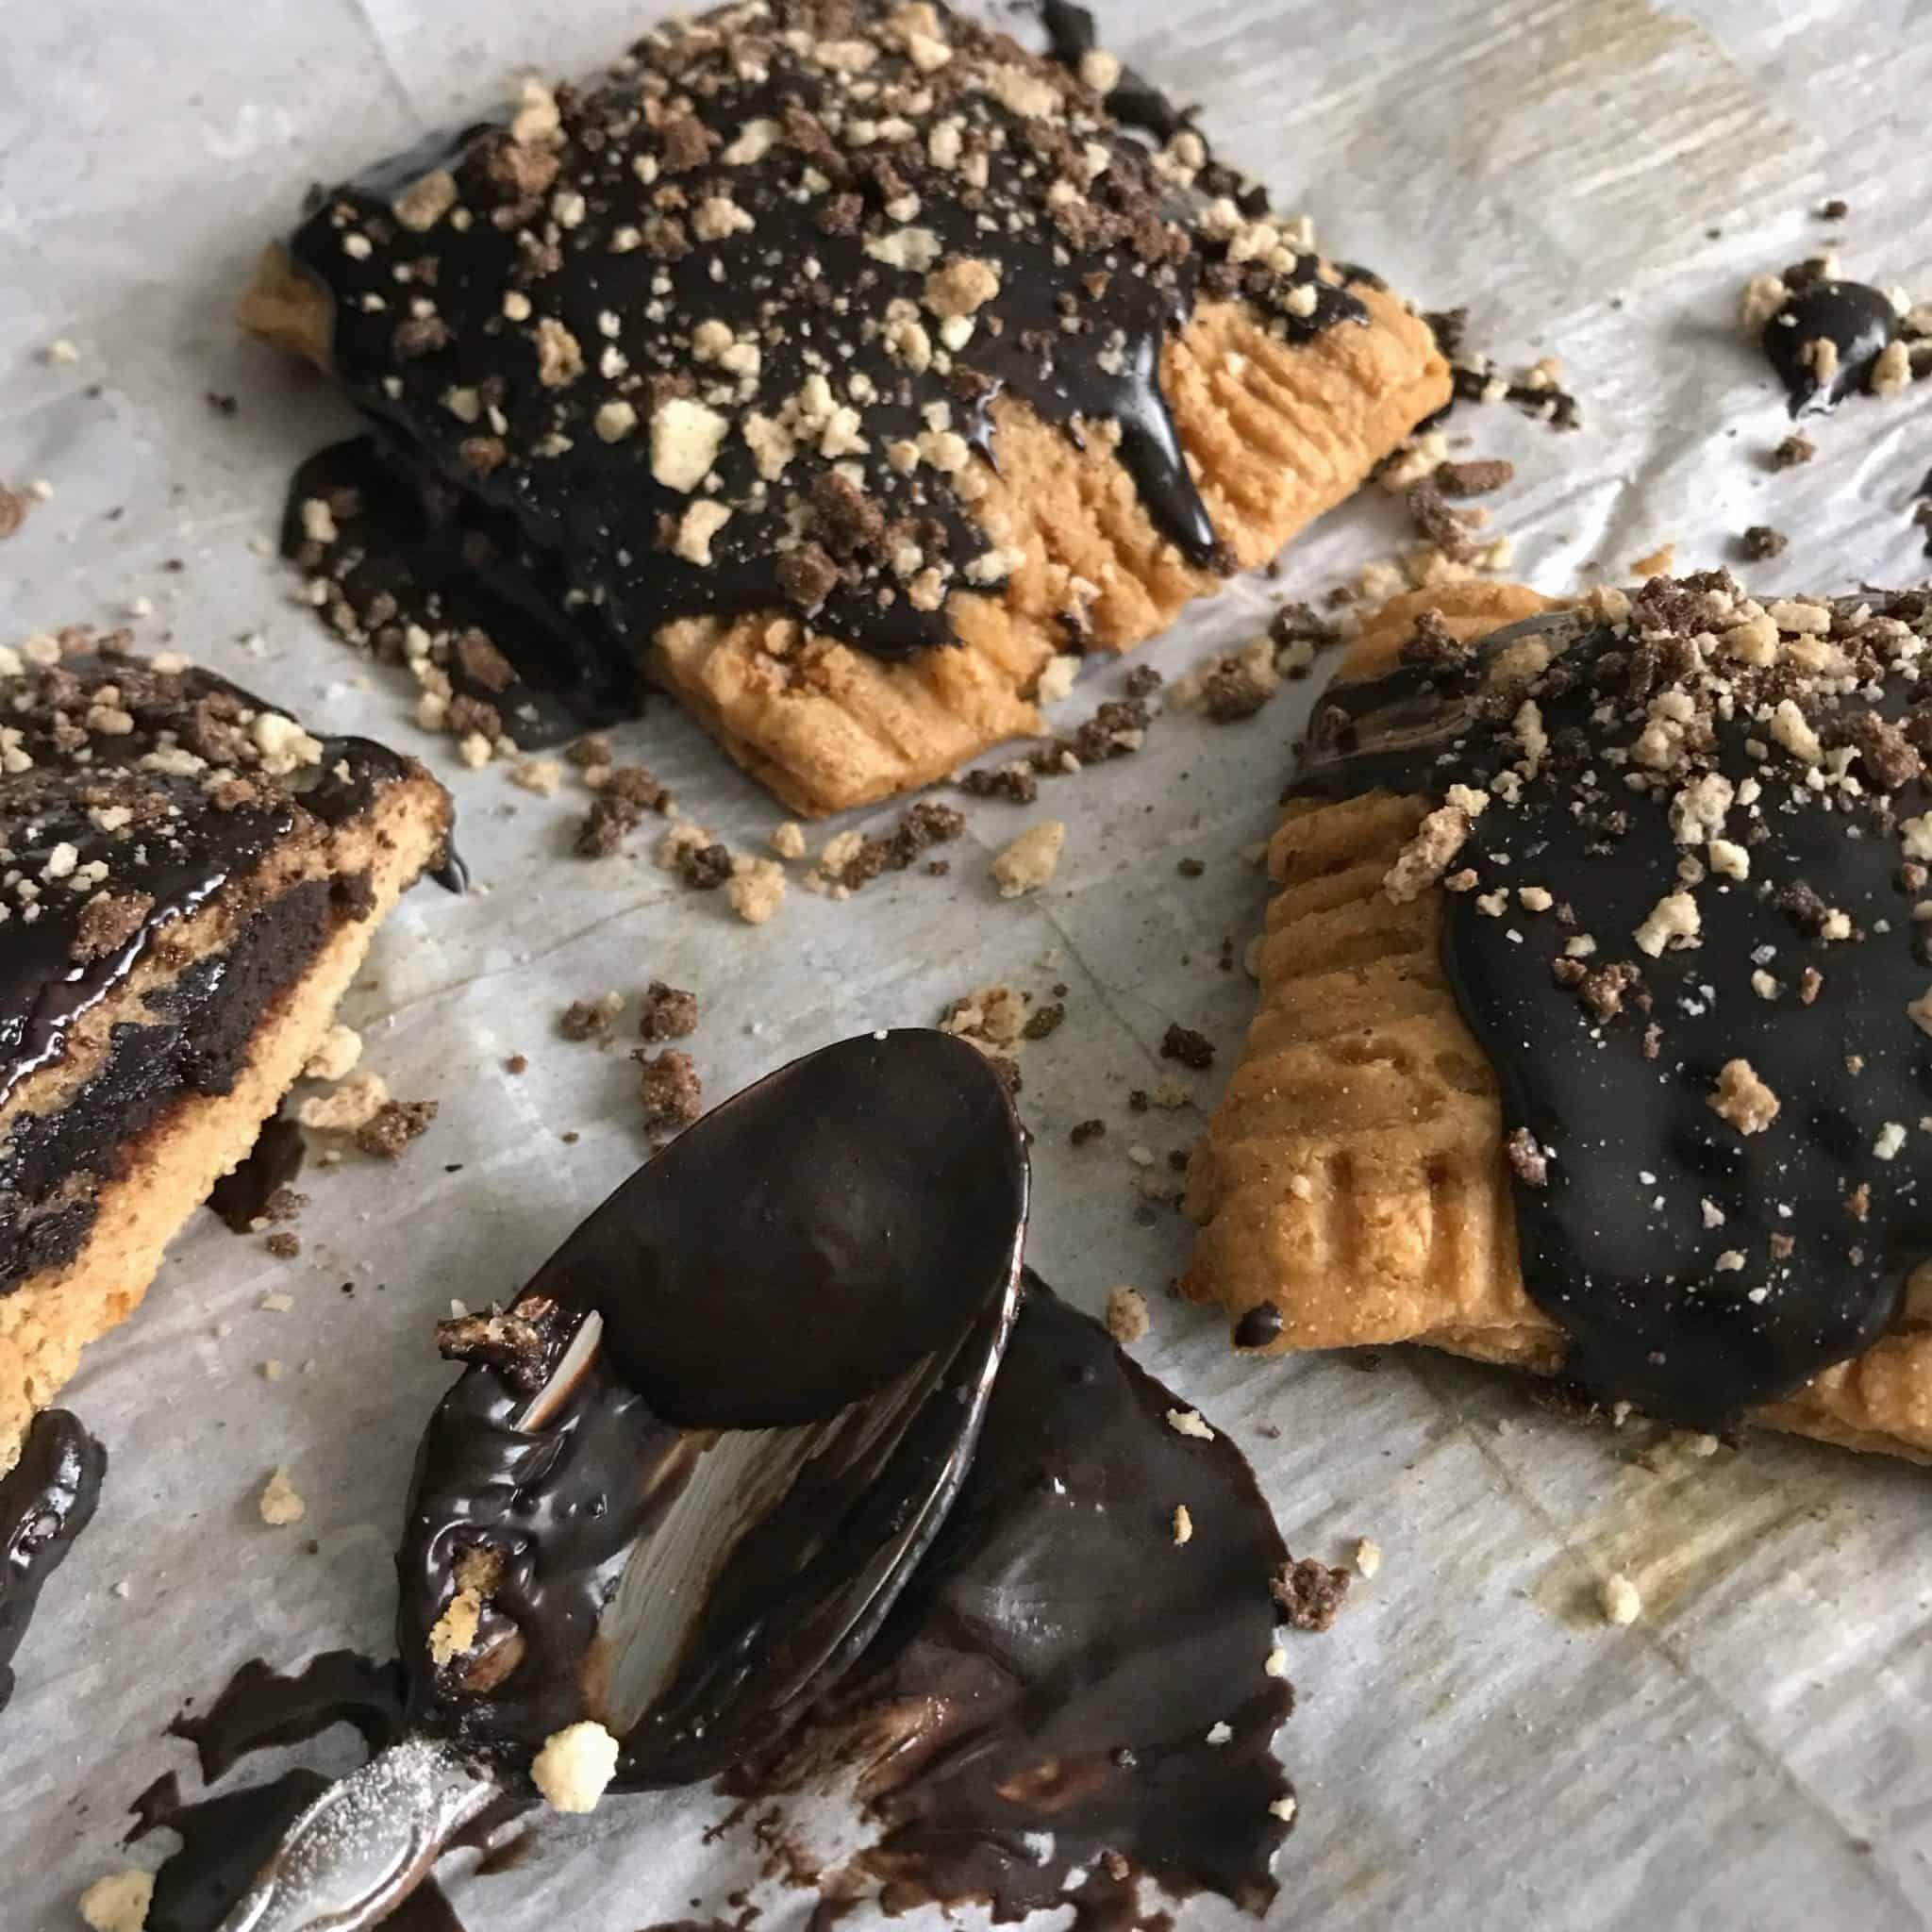 Kodiak cakes recipe chocolate peanut butter protein pop